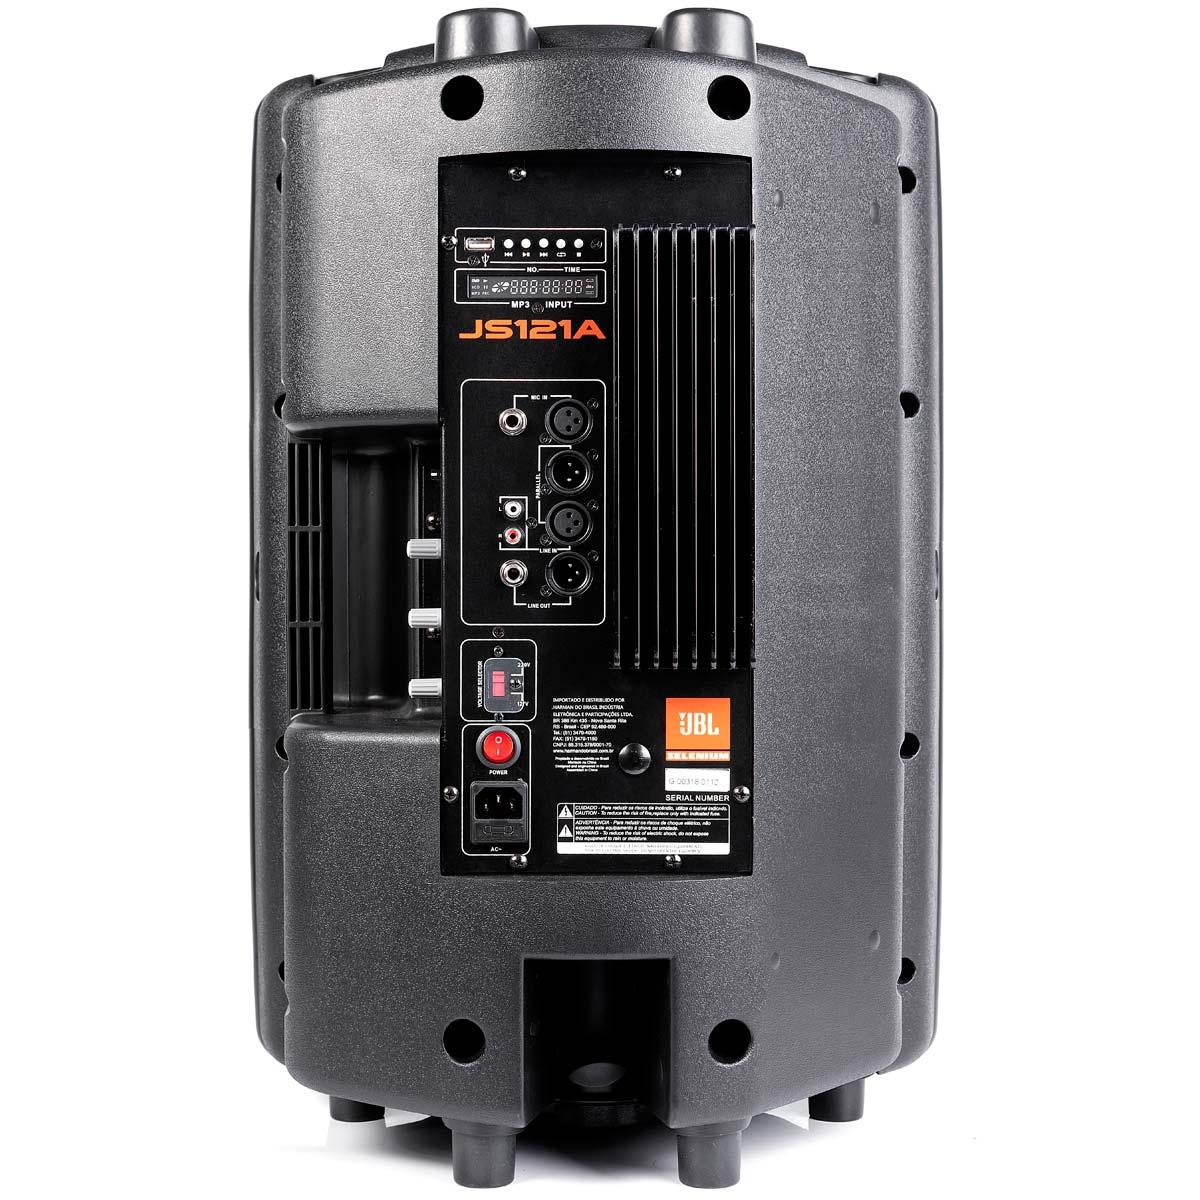 JS121A - Caixa Ativa 150W c/ Player USB JS 121 A - JBL